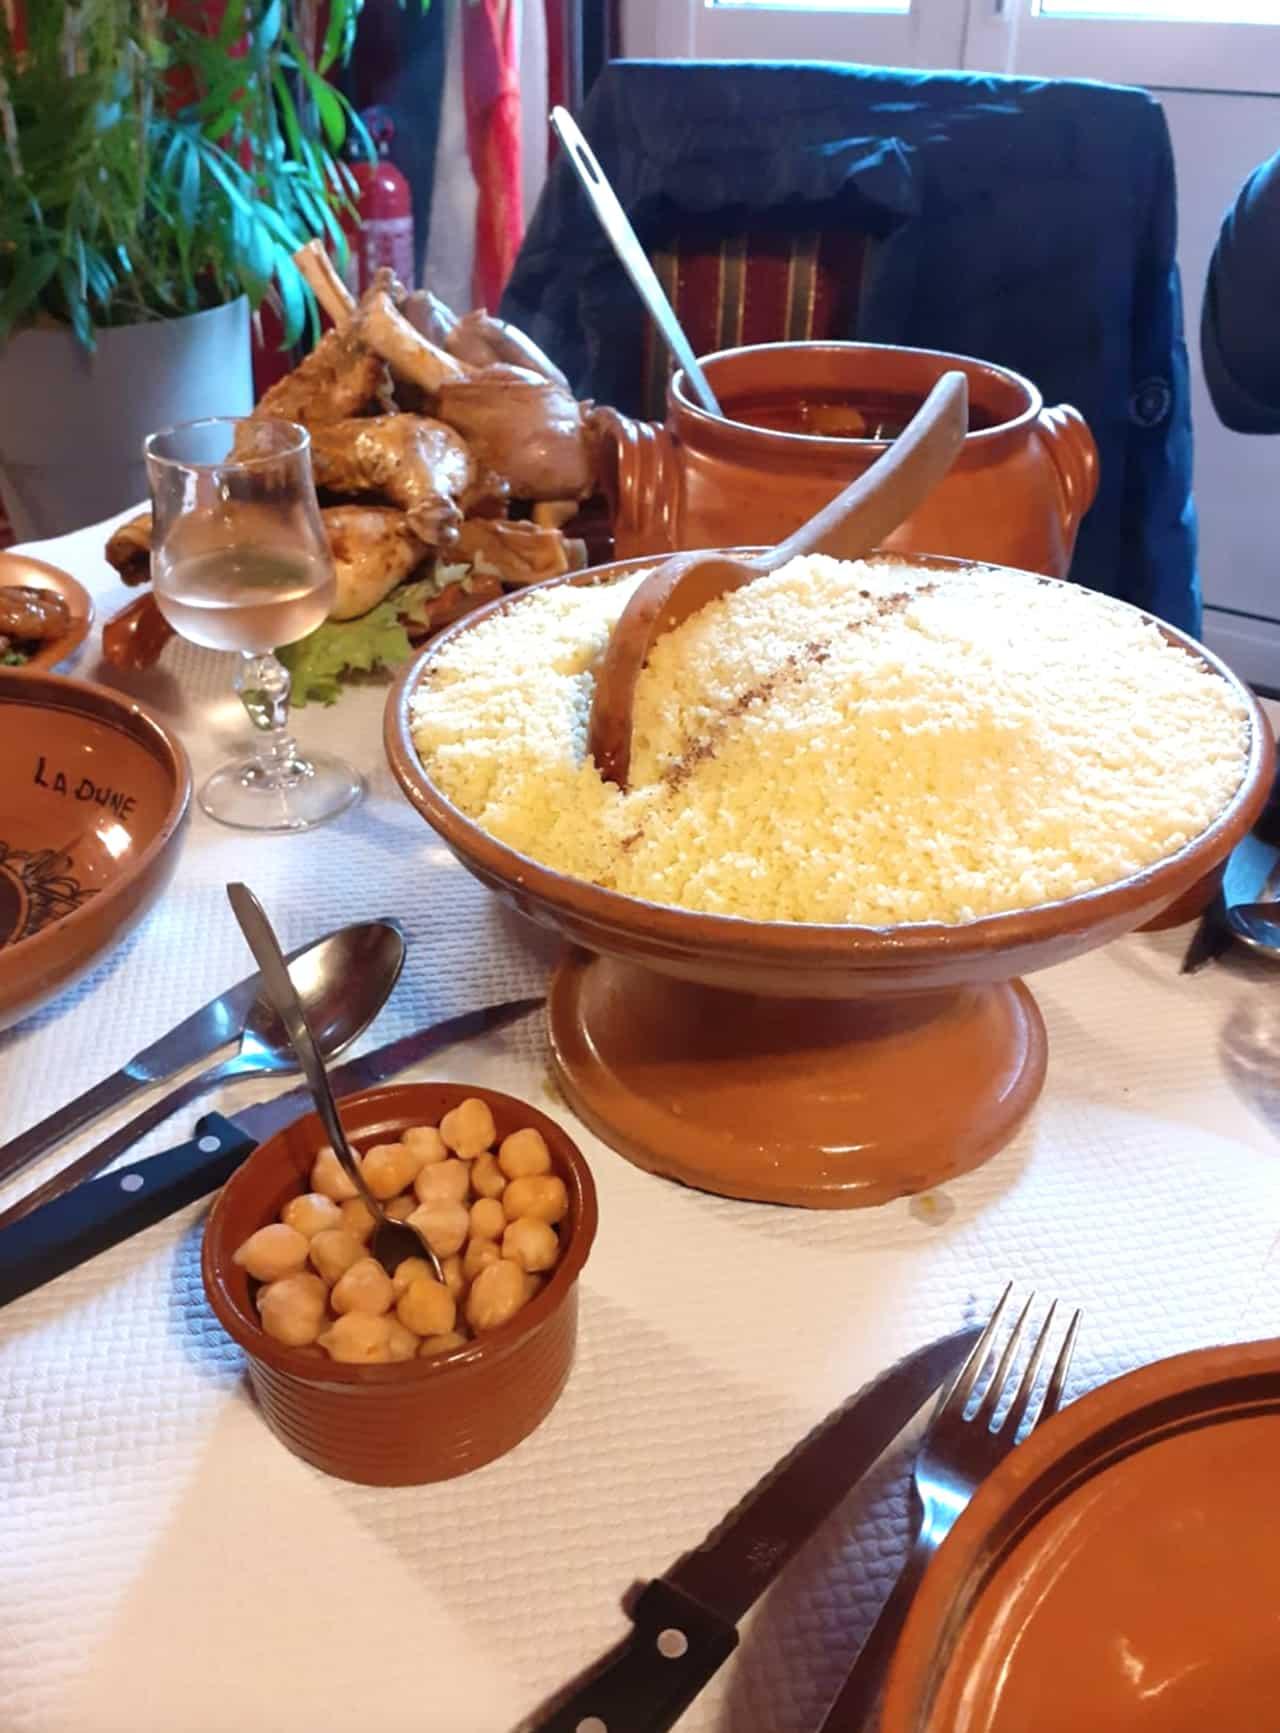 menu-couscous-rouen-menu-emporter-couscous-rouen-menu-tajine-emporter-tajine-rouen-la-dune-rouen